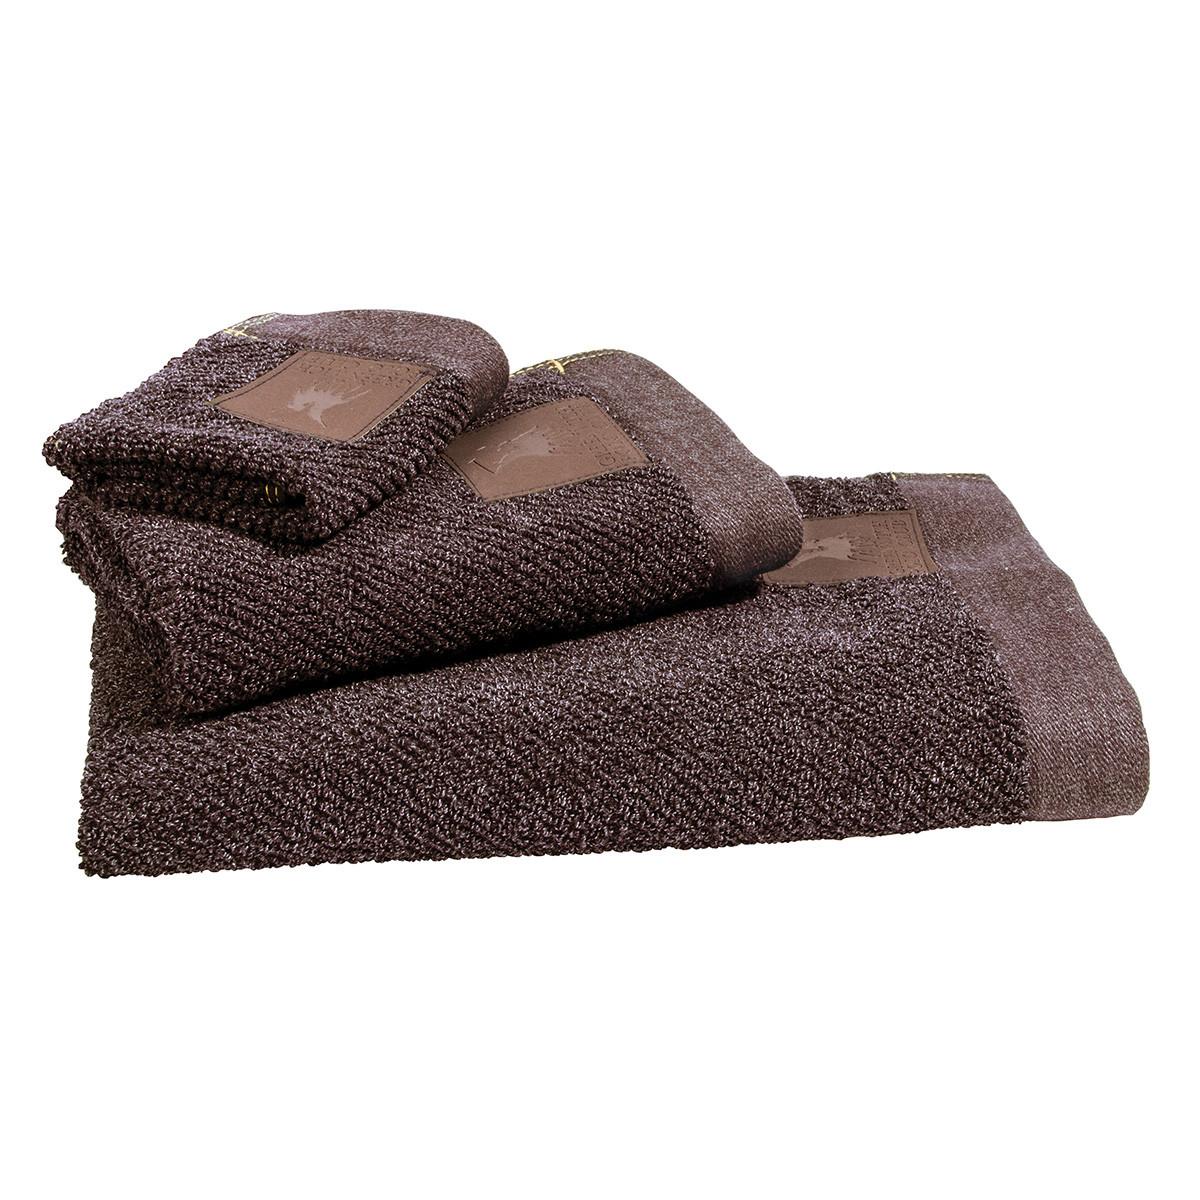 Πετσέτες Μπάνιου (Σετ 3τμχ) Polo Club Essential 2527